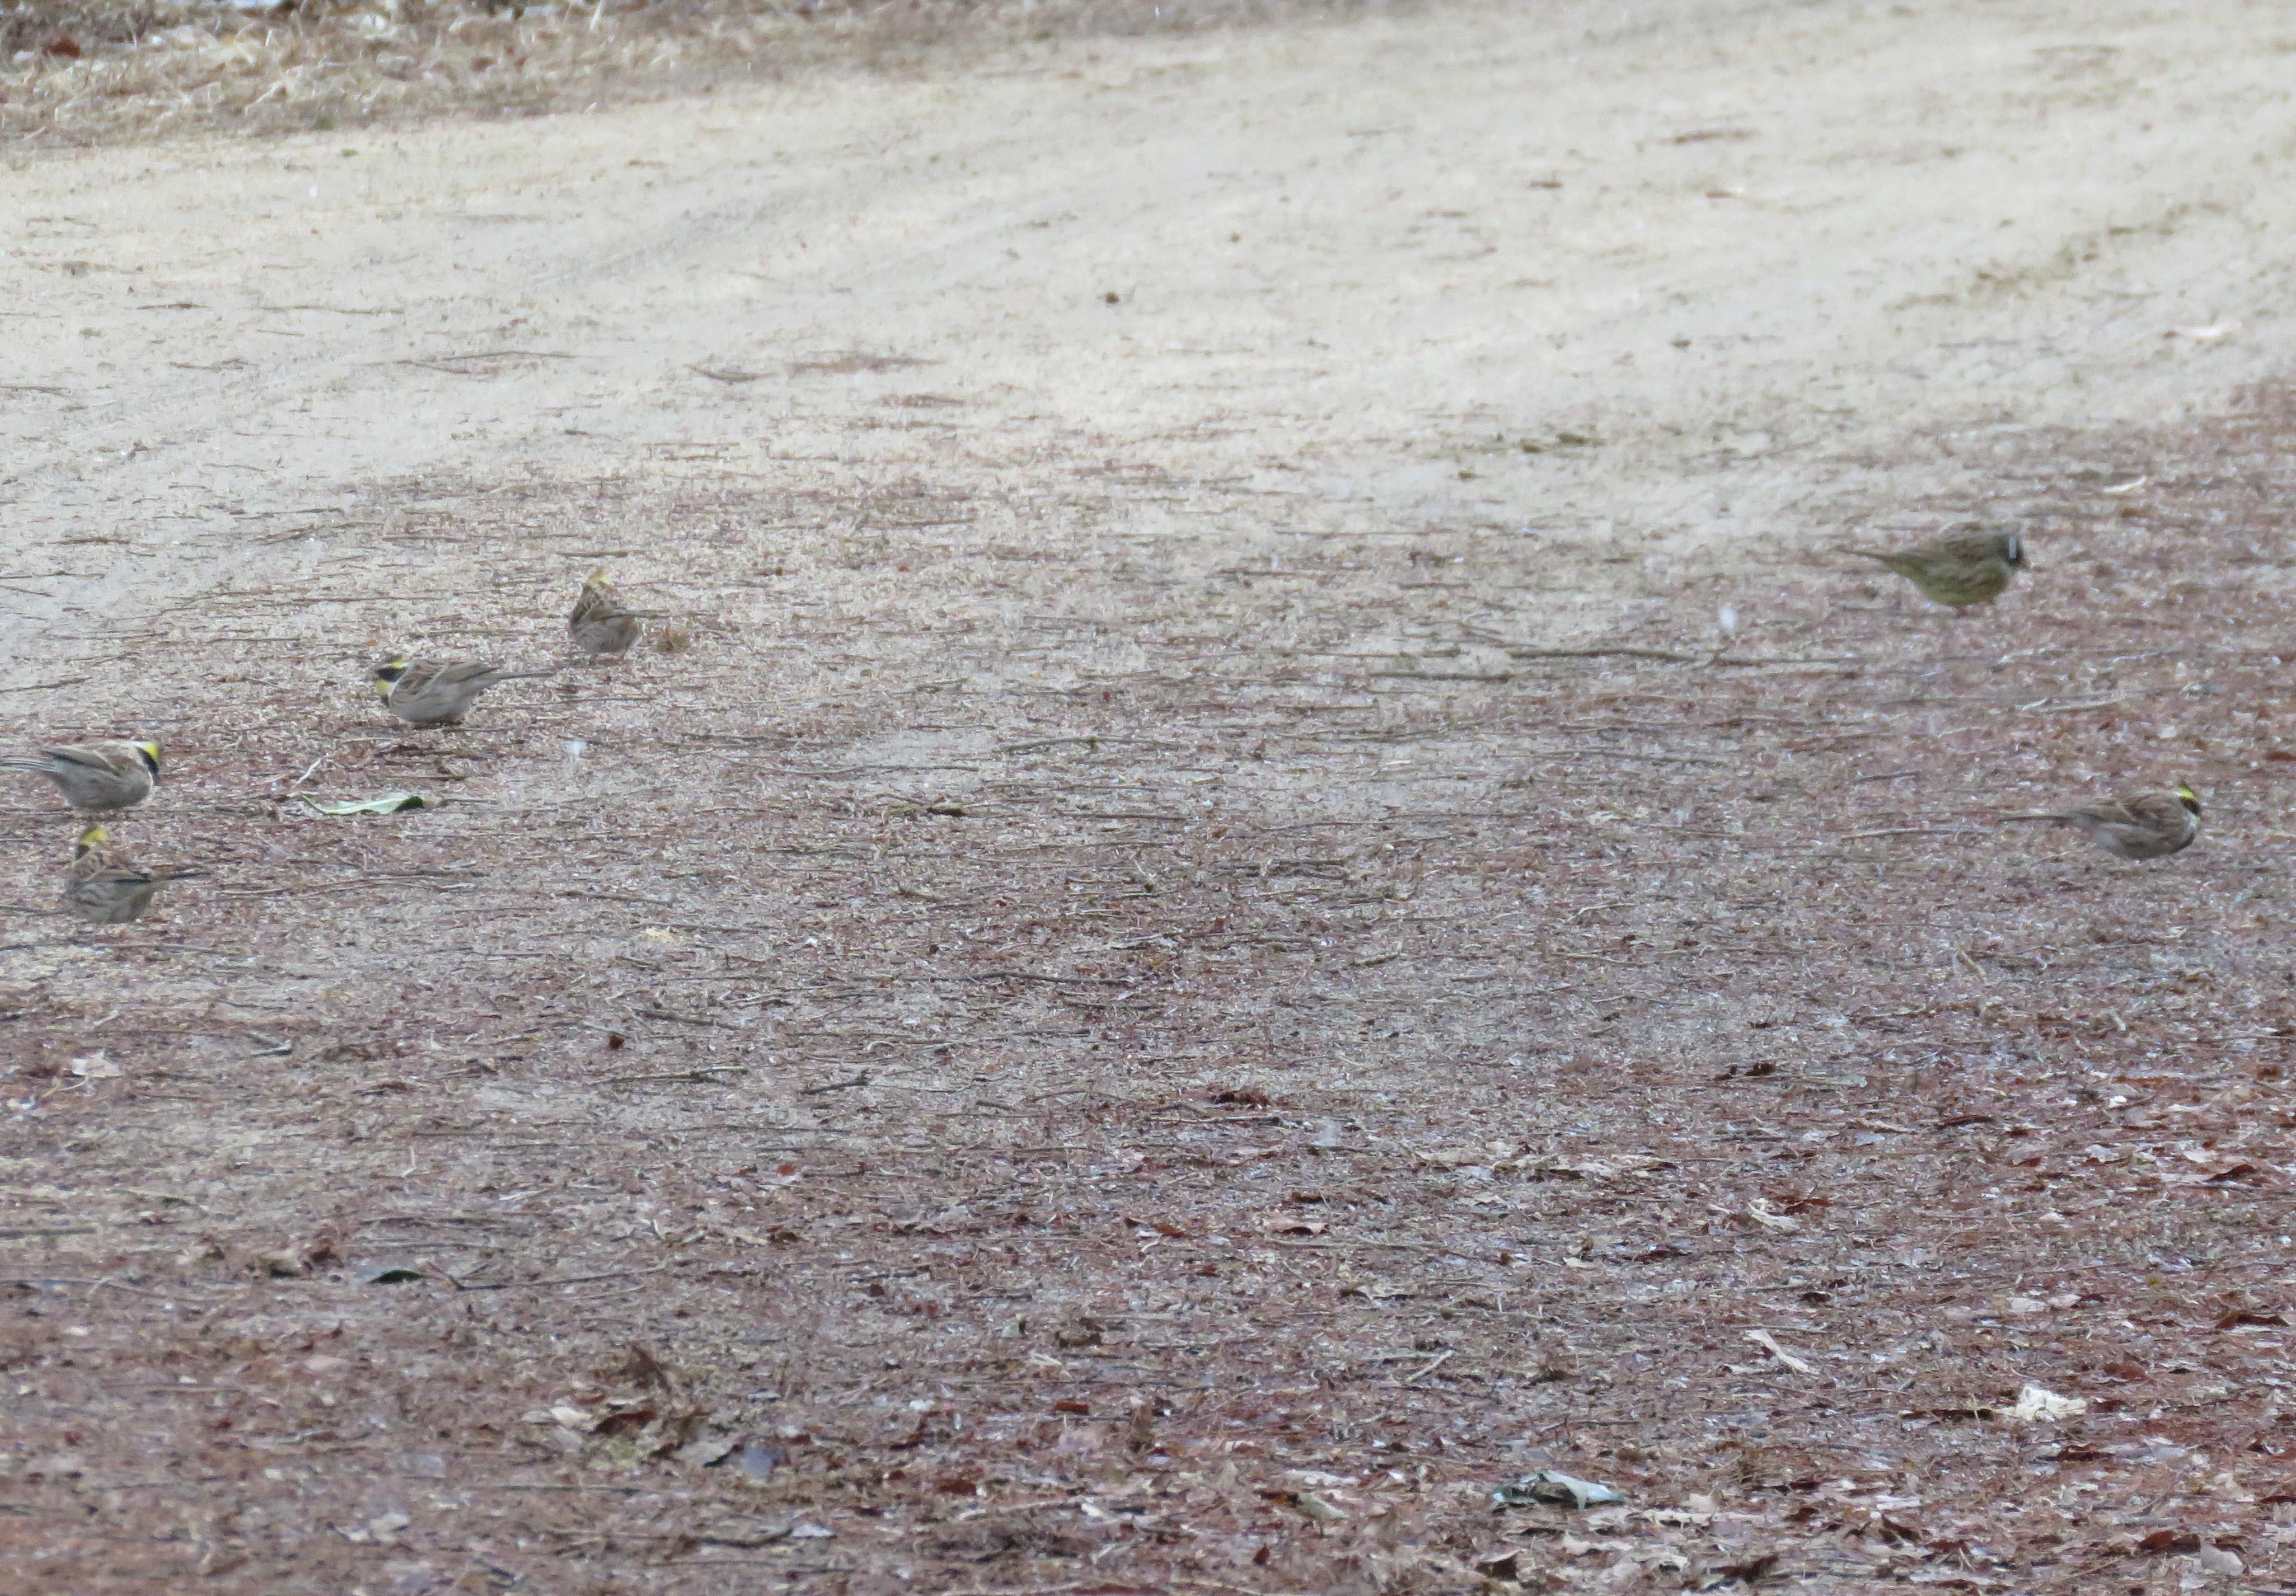 23ミヤマホオジロの群れ10